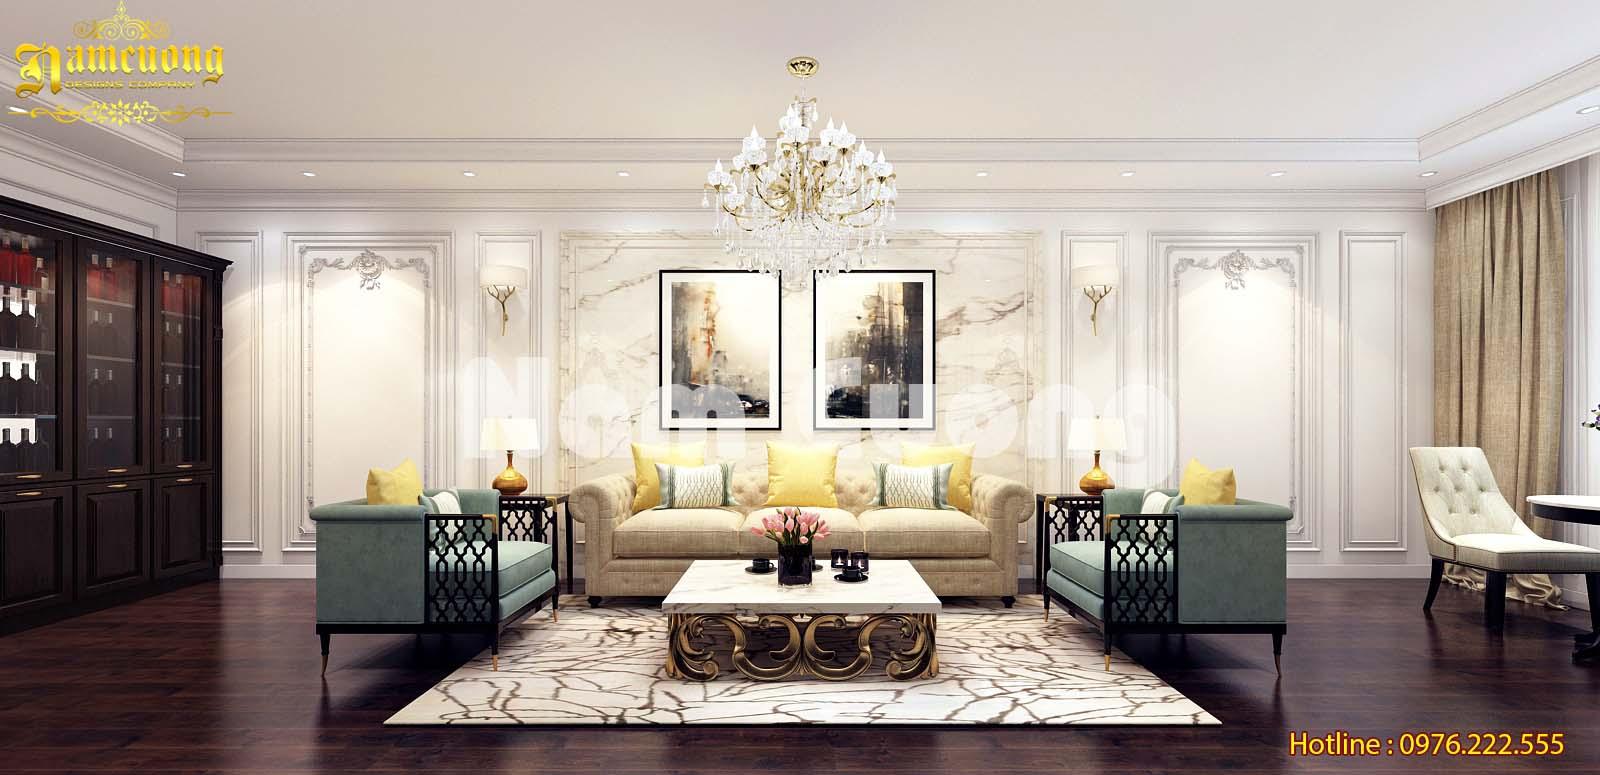 Mẫu thiết kế nội thất tân cổ điển sang trọng cho nhà ống